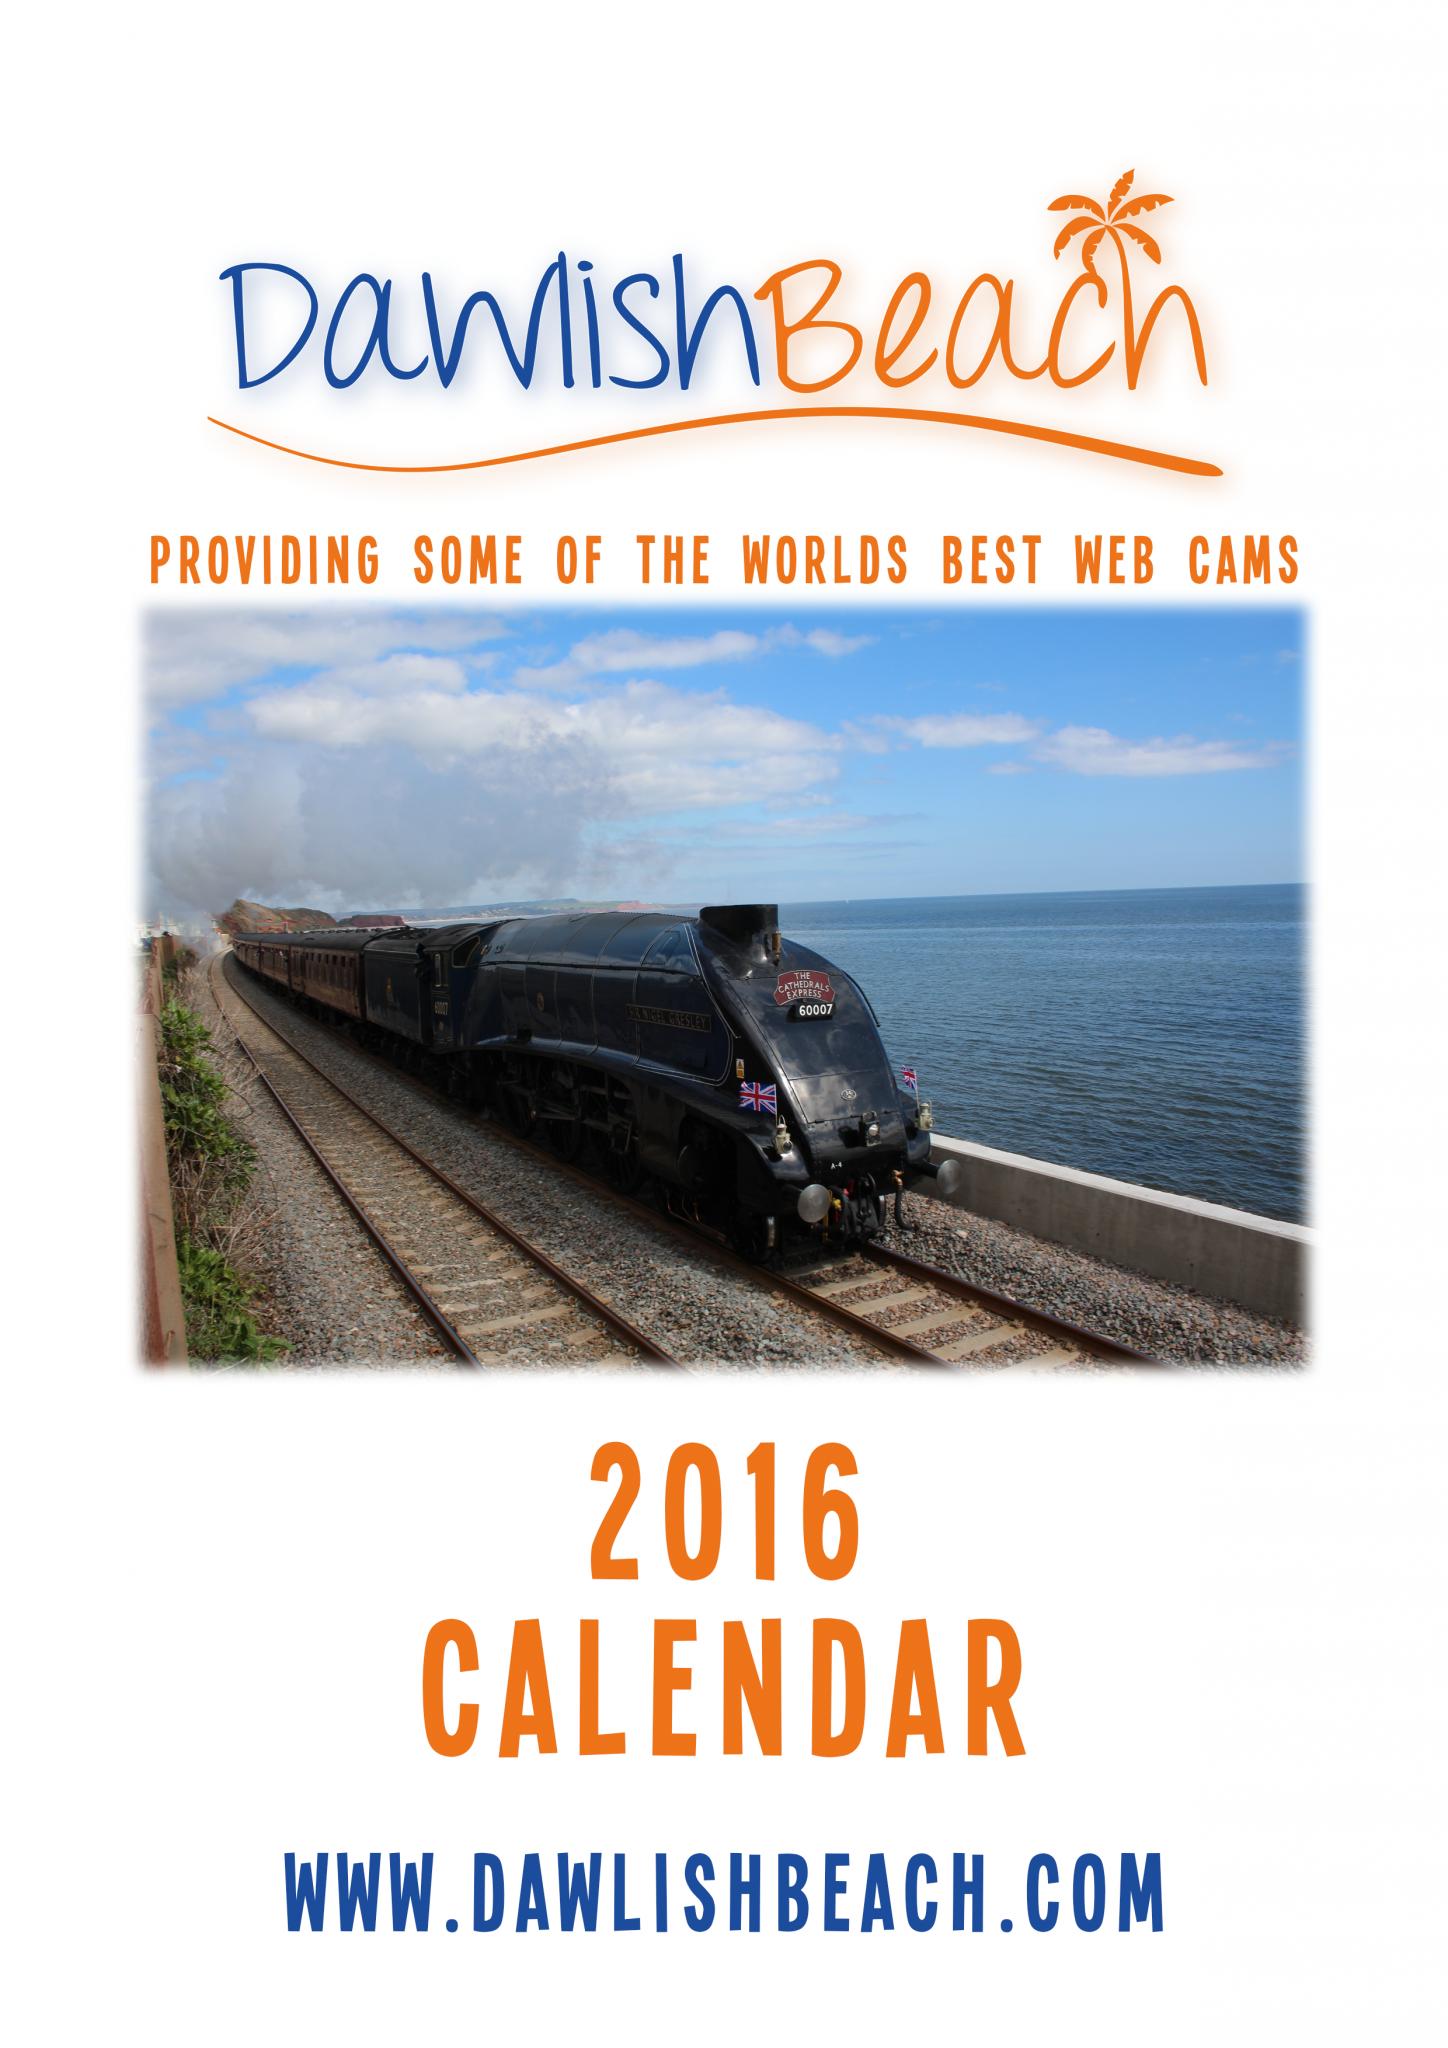 Dawlish Beach Calendar 2016